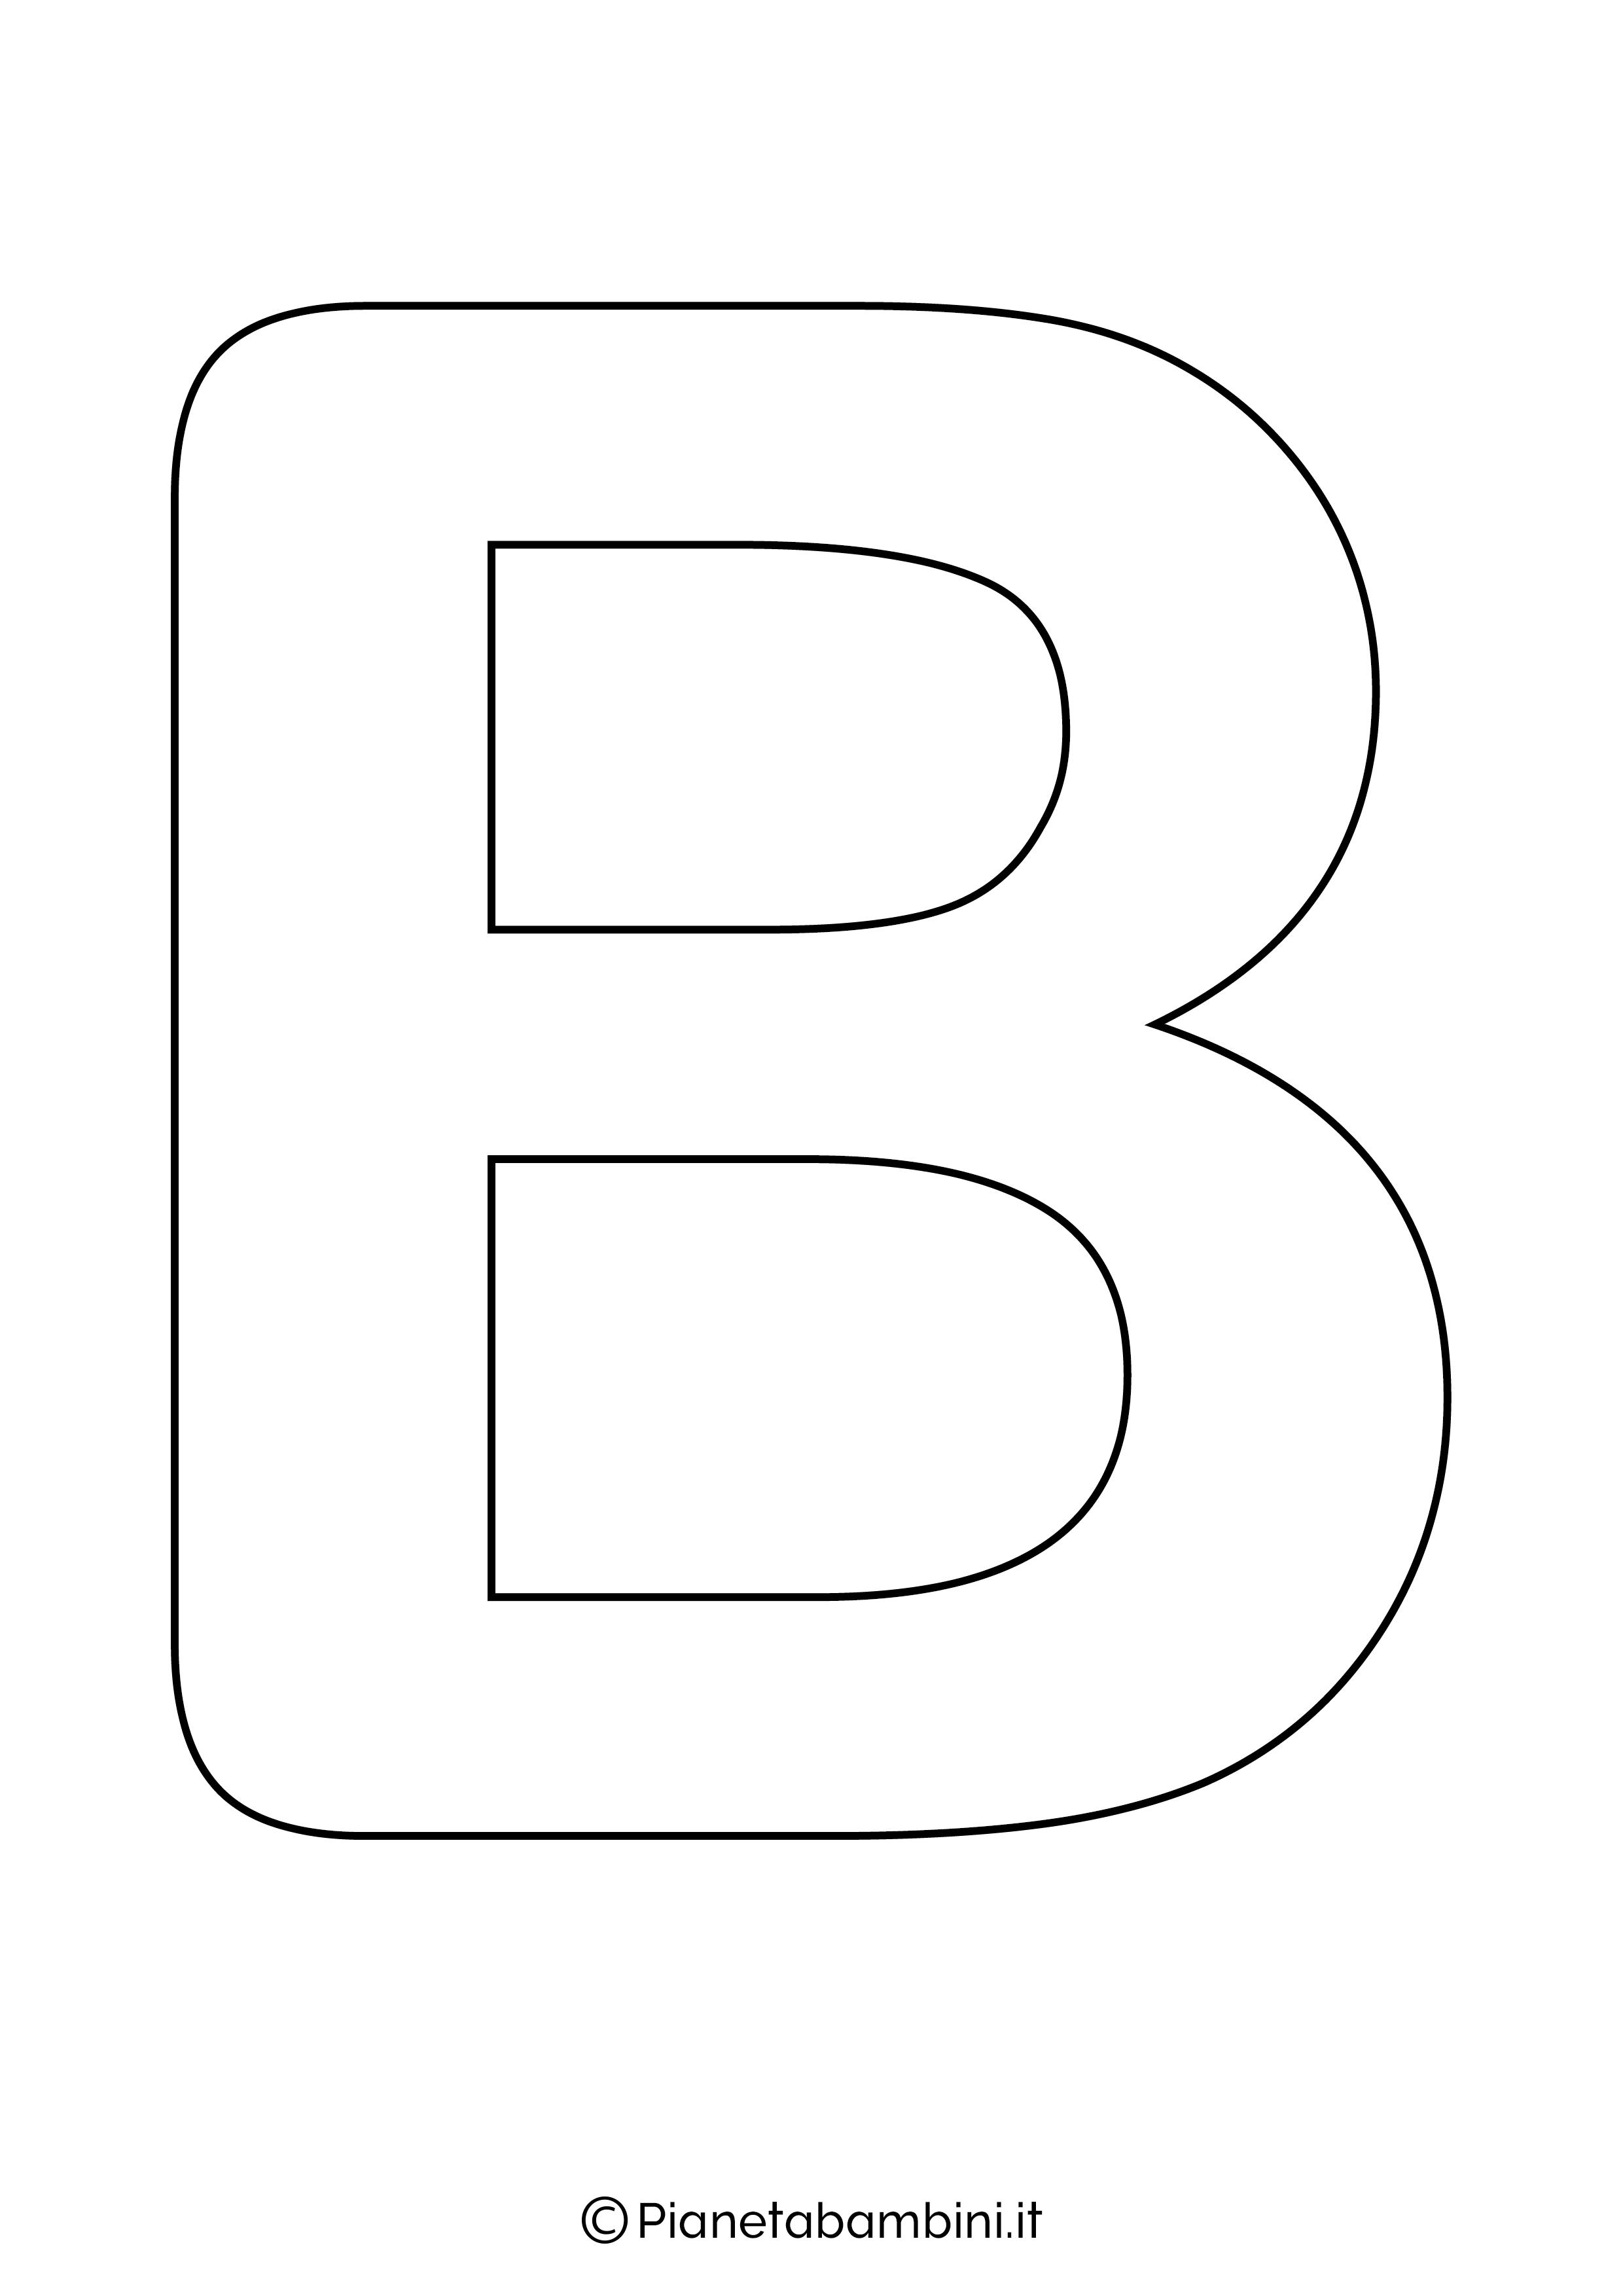 Lettere Dell Alfabeto Da Stampare Colorare E Ritagliare Pianetabambini It